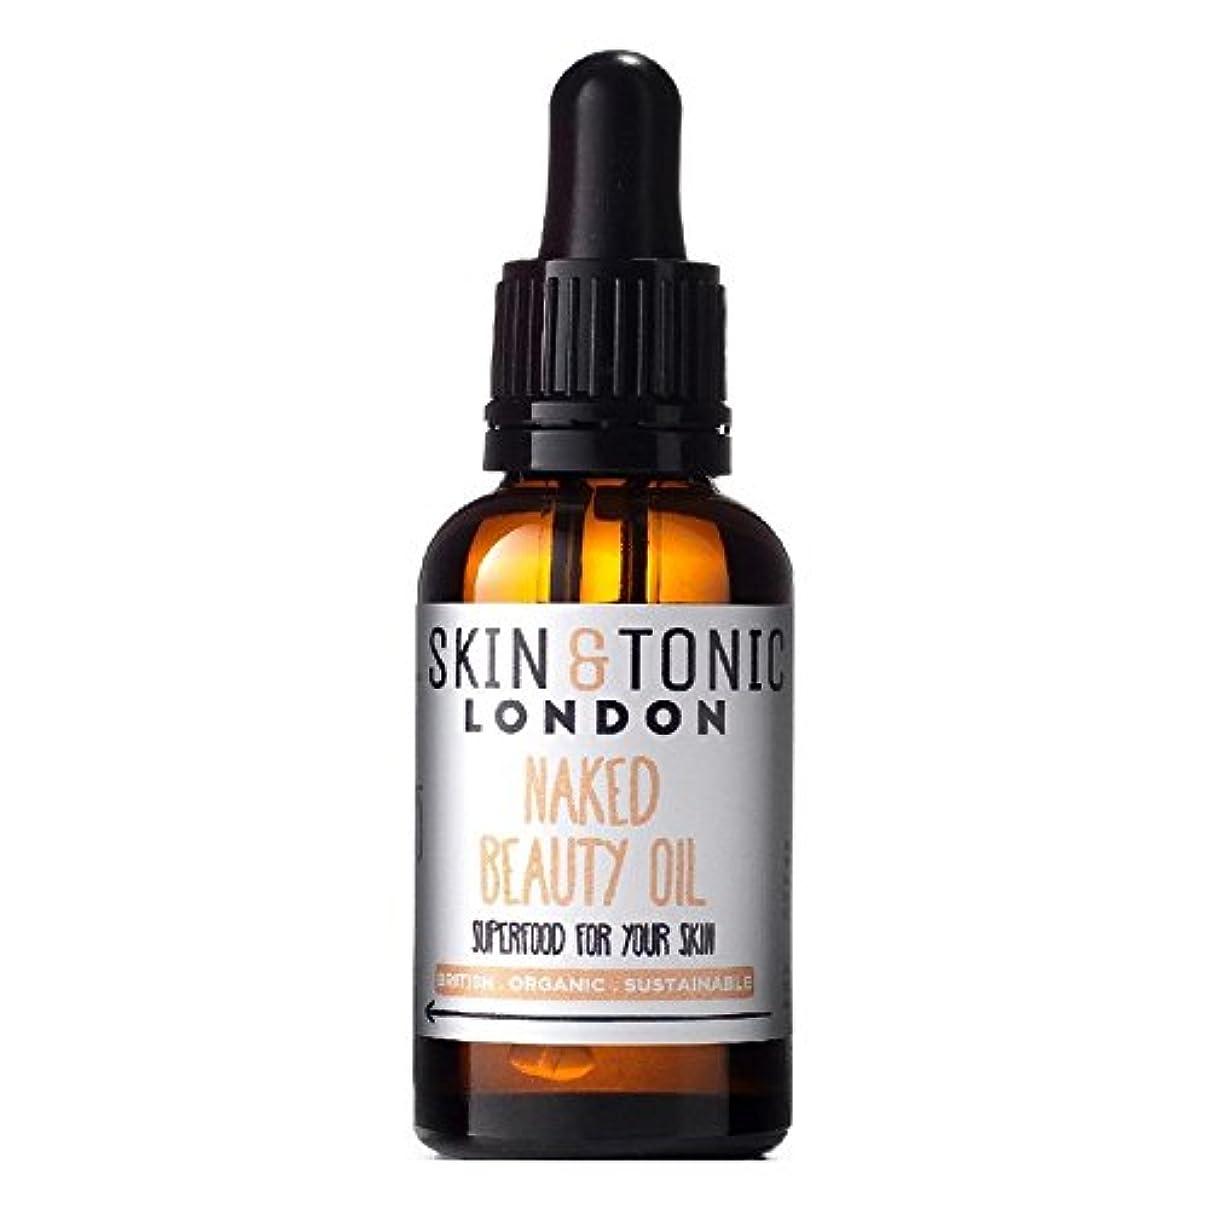 半導体部分的お別れスキン&トニックロンドン裸の美容オイル30ミリリットル x2 - Skin & Tonic London Naked Beauty Oil 30ml (Pack of 2) [並行輸入品]